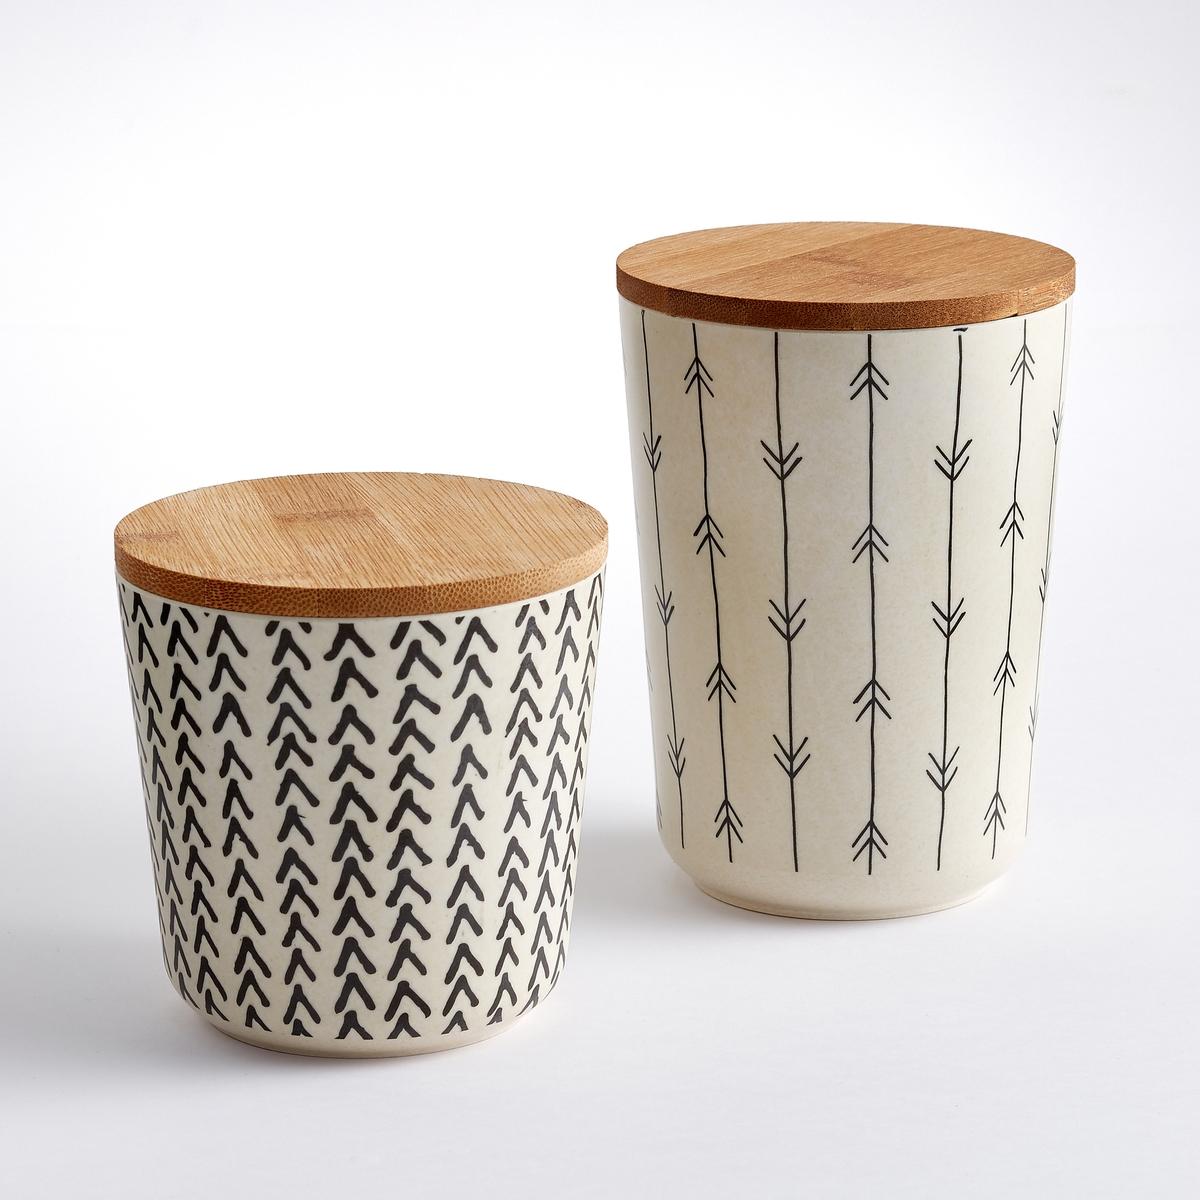 Коробка для хранения бамбуковая, BAMBOSKA, (2 шт.)Характеристики 2 коробок для хранения из бамбука Bamboska :С рисунком, 2 различных мотива.Размеры 2 коробок для хранения из бамбука Bamboska :Коробка 1 : диаметр. 10,3 x высота 14,8 см.Коробка 2 : диаметр. 10,3 x высота 10,8 см.Бамбук с рисунком, цвета : кремовый / черный. Другие модели комплекта и другие коллекции предметов декора стола вы можете найти на сайте laredoute.ru<br><br>Цвет: набивной рисунок<br>Размер: единый размер